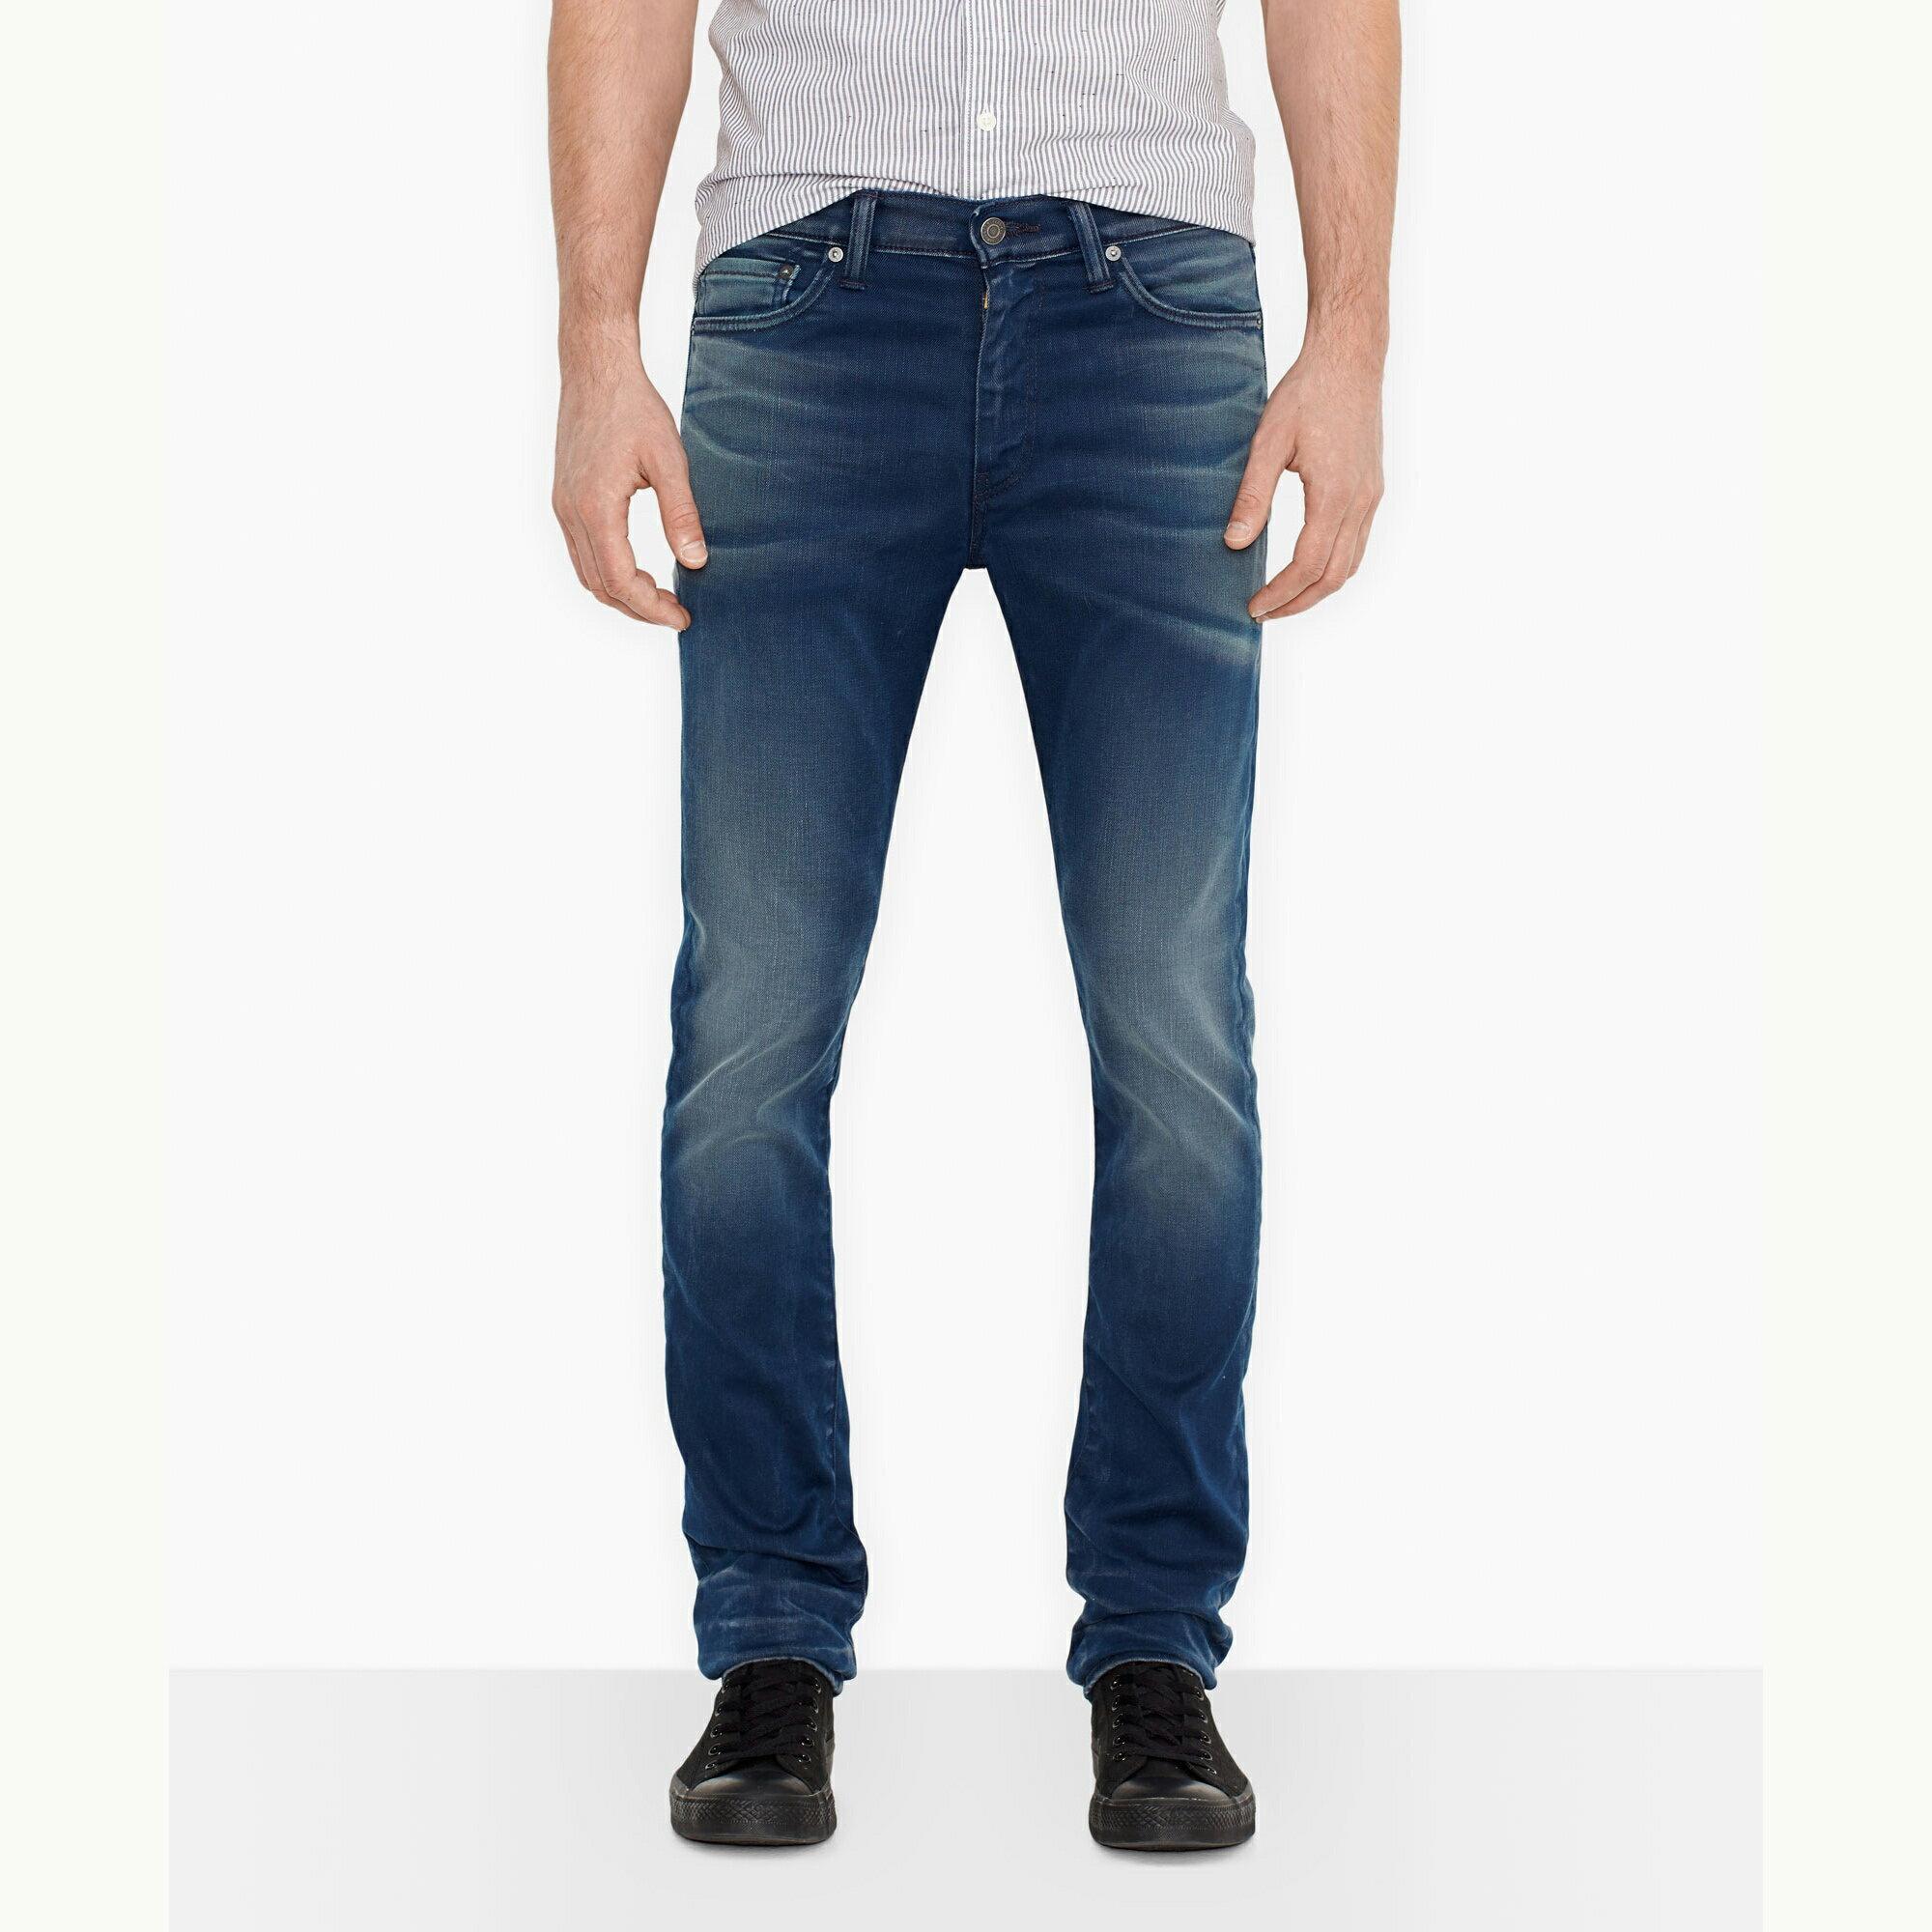 美國百分百【Levis】510 Skinny Fit 男款 牛仔褲 直筒 合身 窄版 30 32 34腰 藍 E283